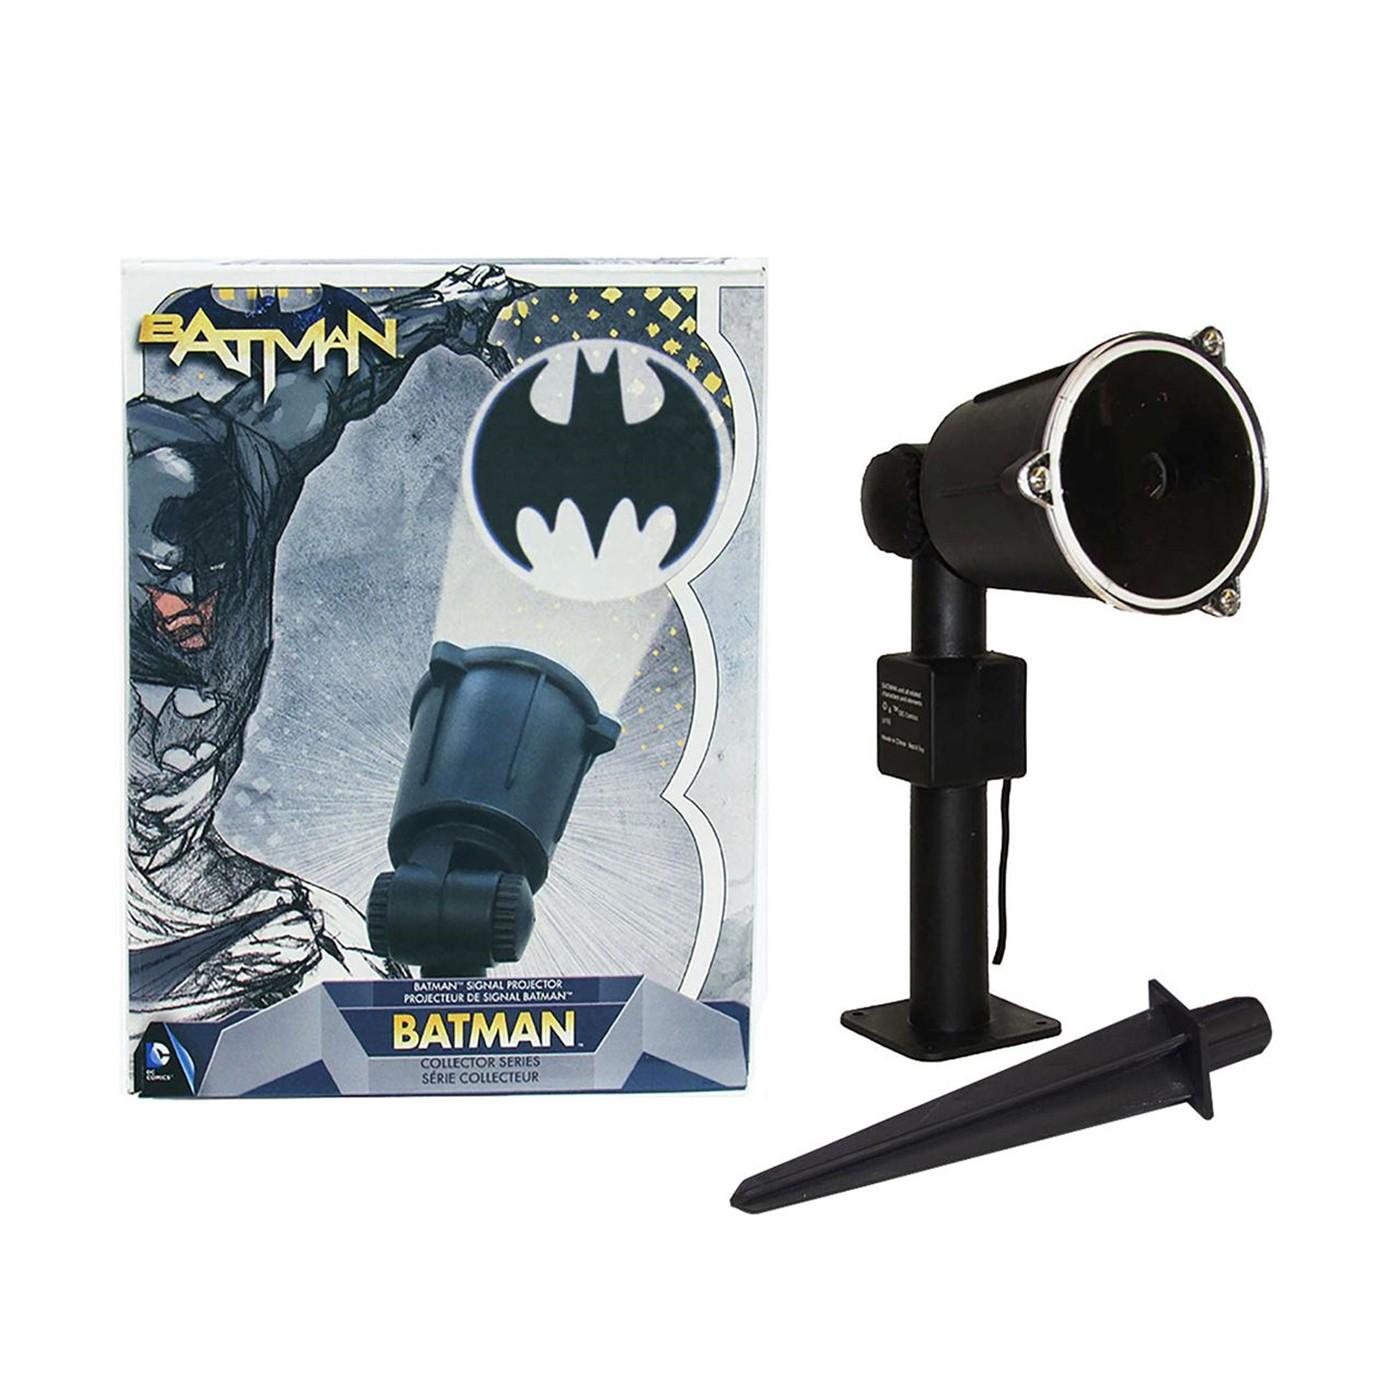 Batman Bat Signal Projector Light